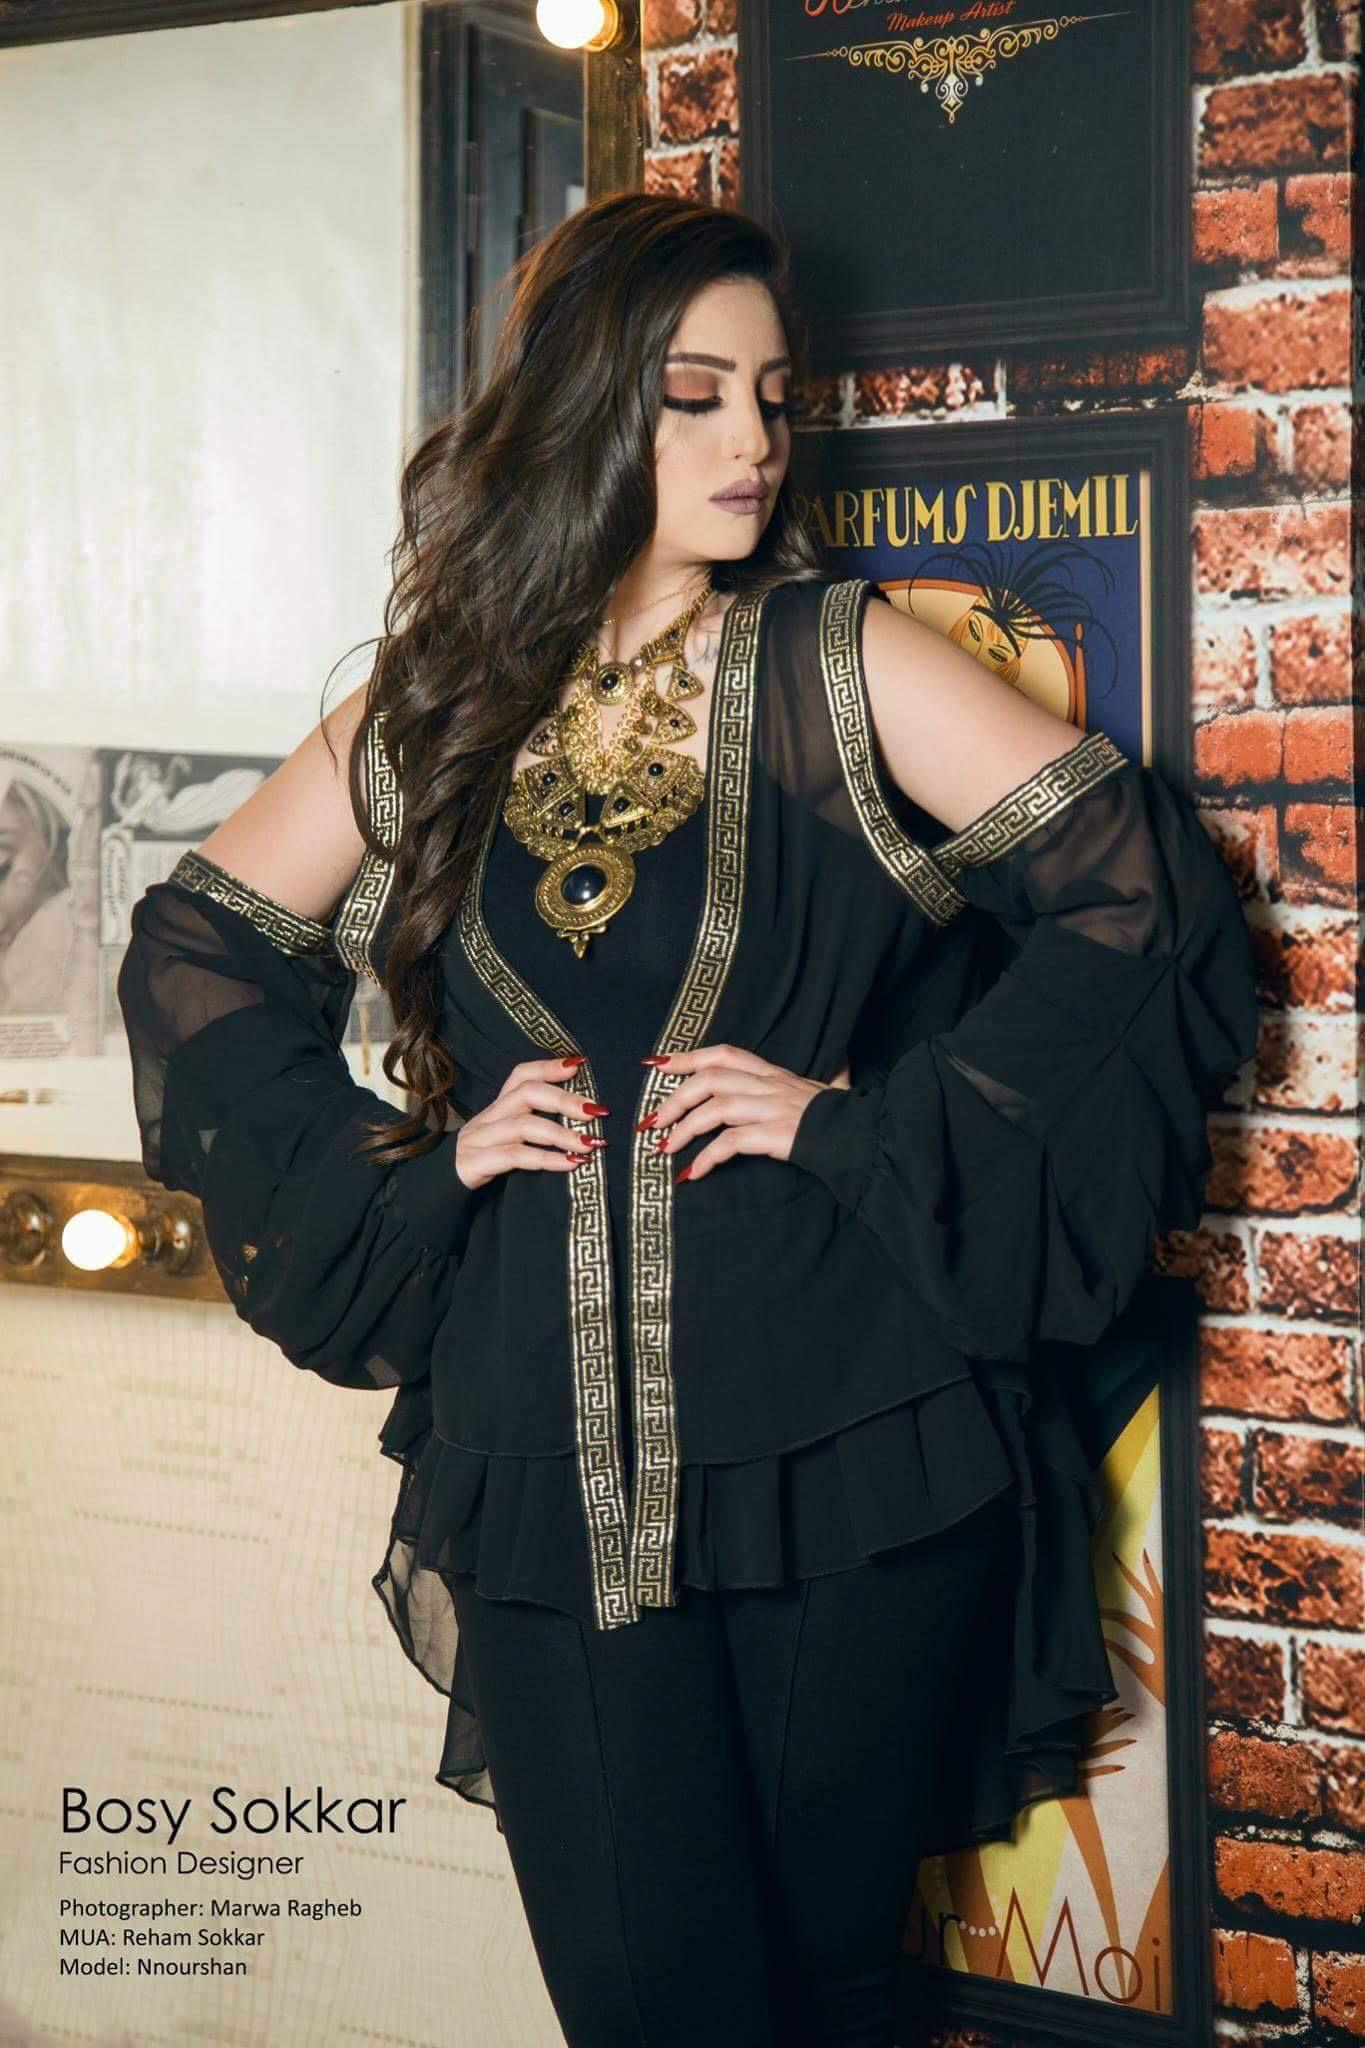 أزياء بوسي سكر تواكب الموضة العالمية